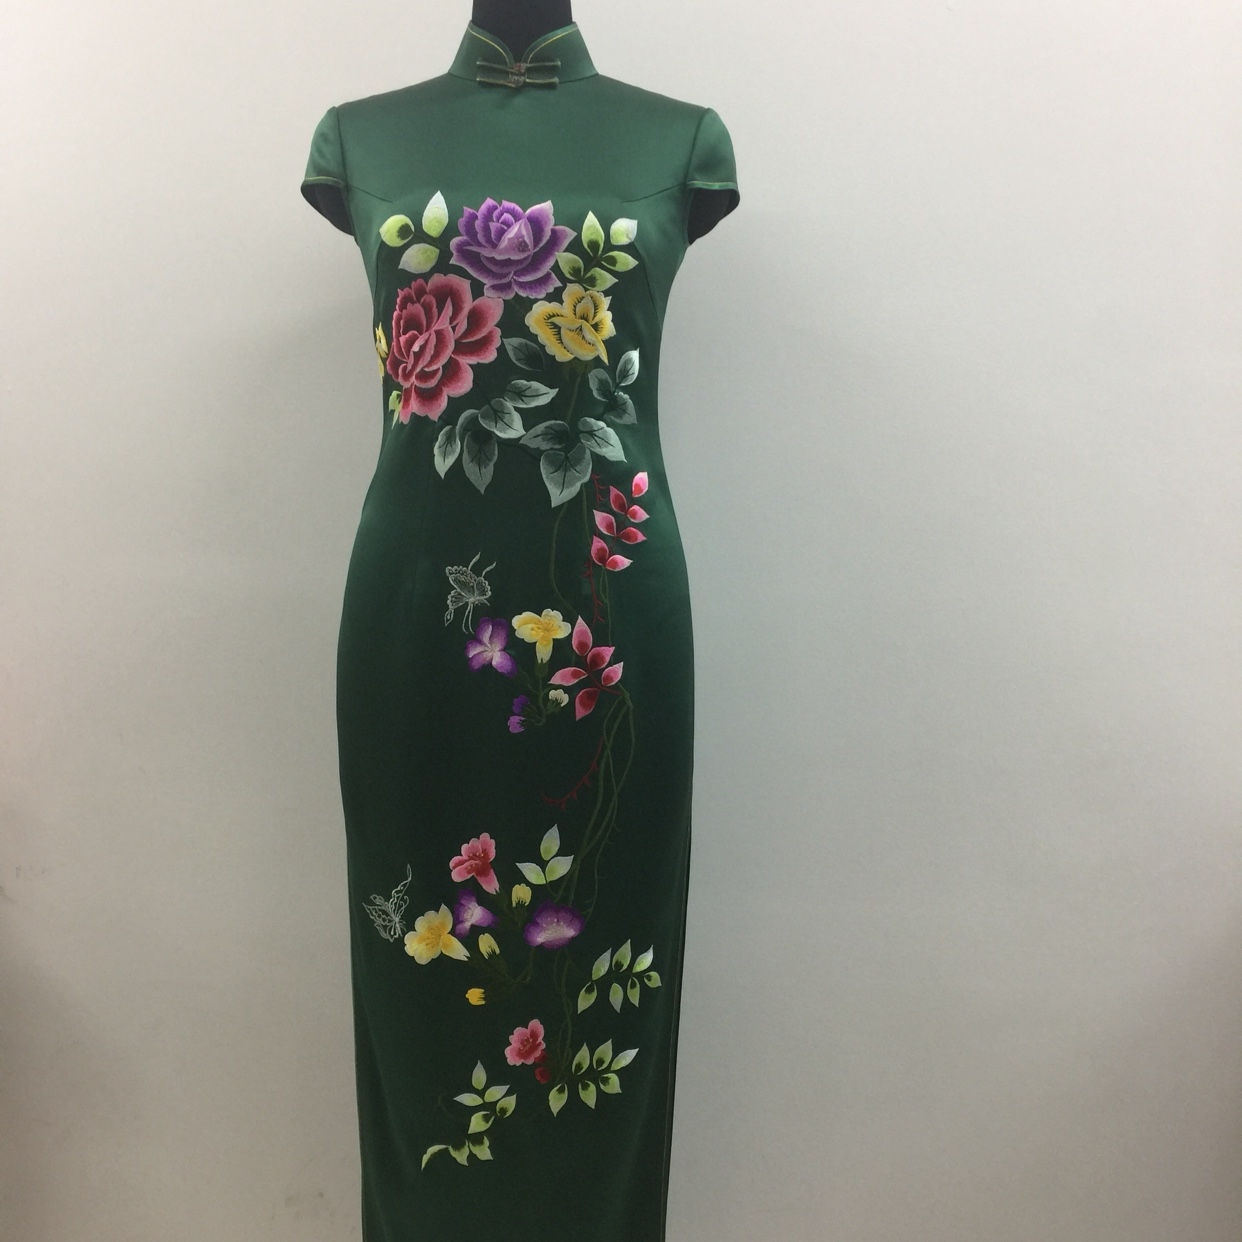 重版真丝月季花墨绿色旗袍真丝面料传统民国风